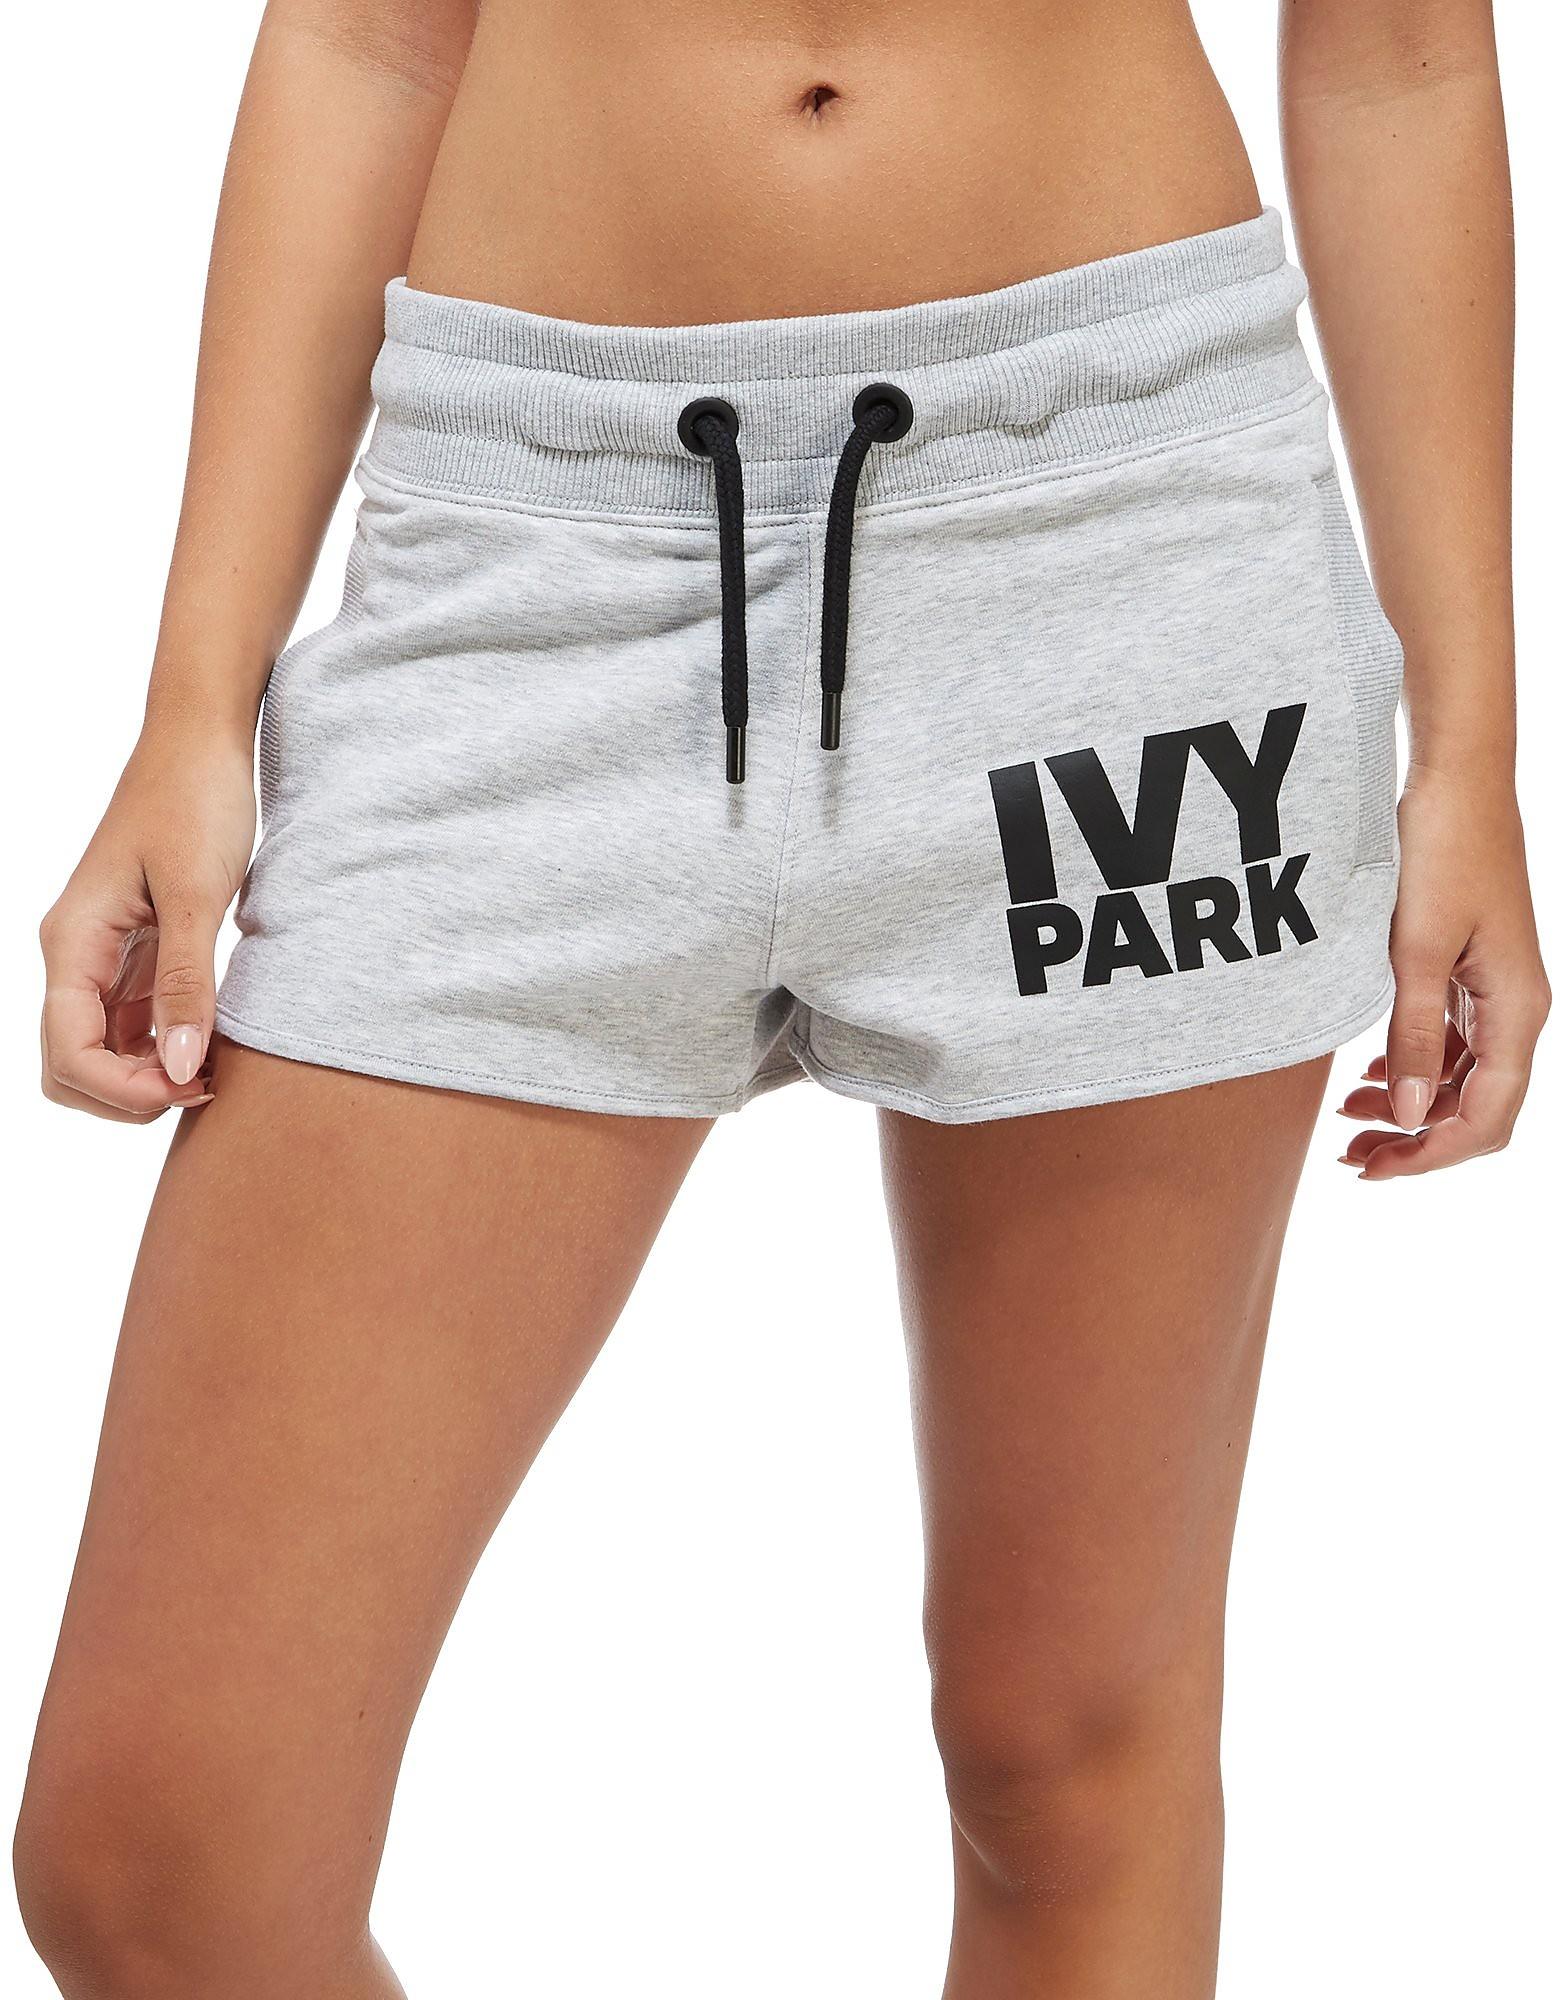 IVY PARK Short Femme